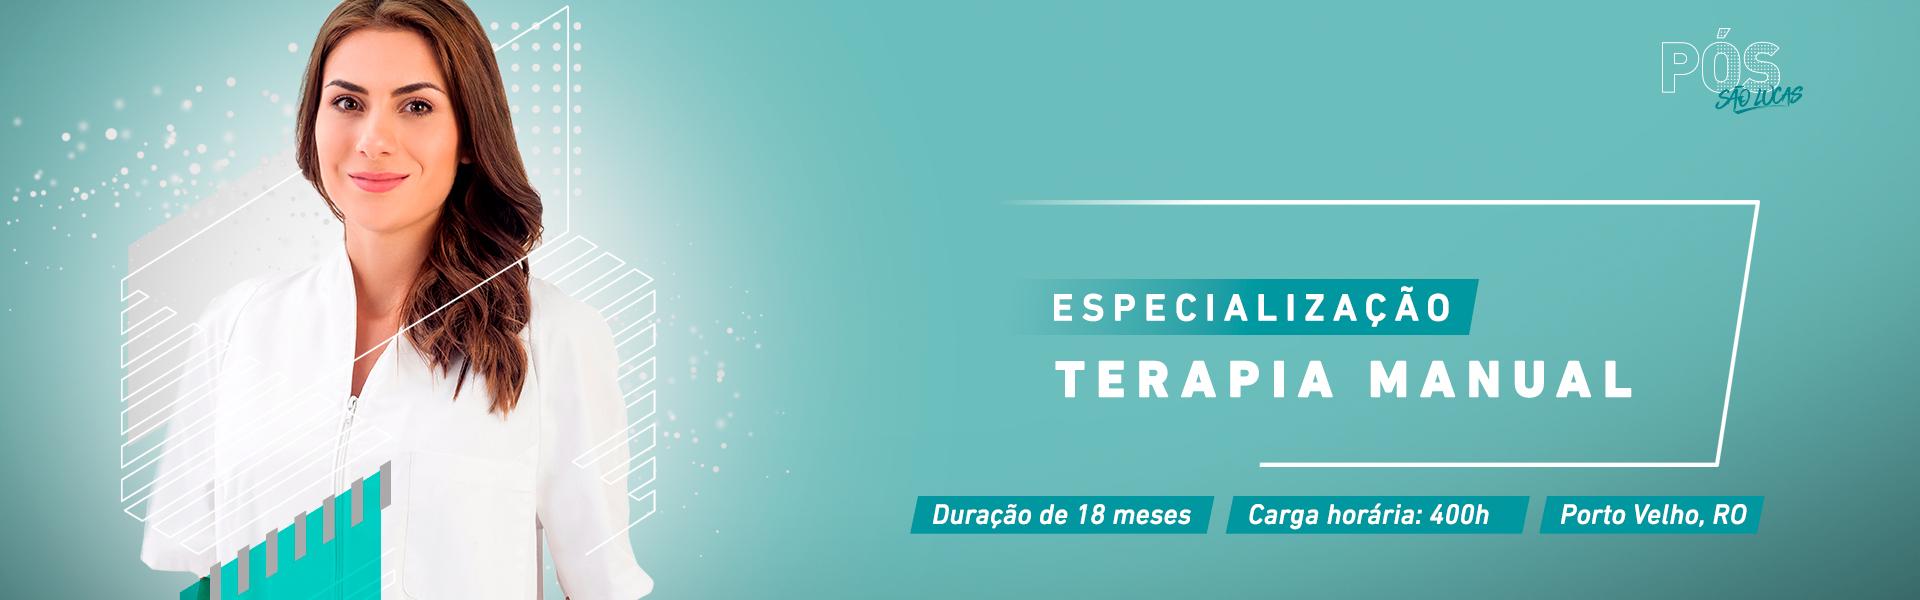 TerapiaManual_site